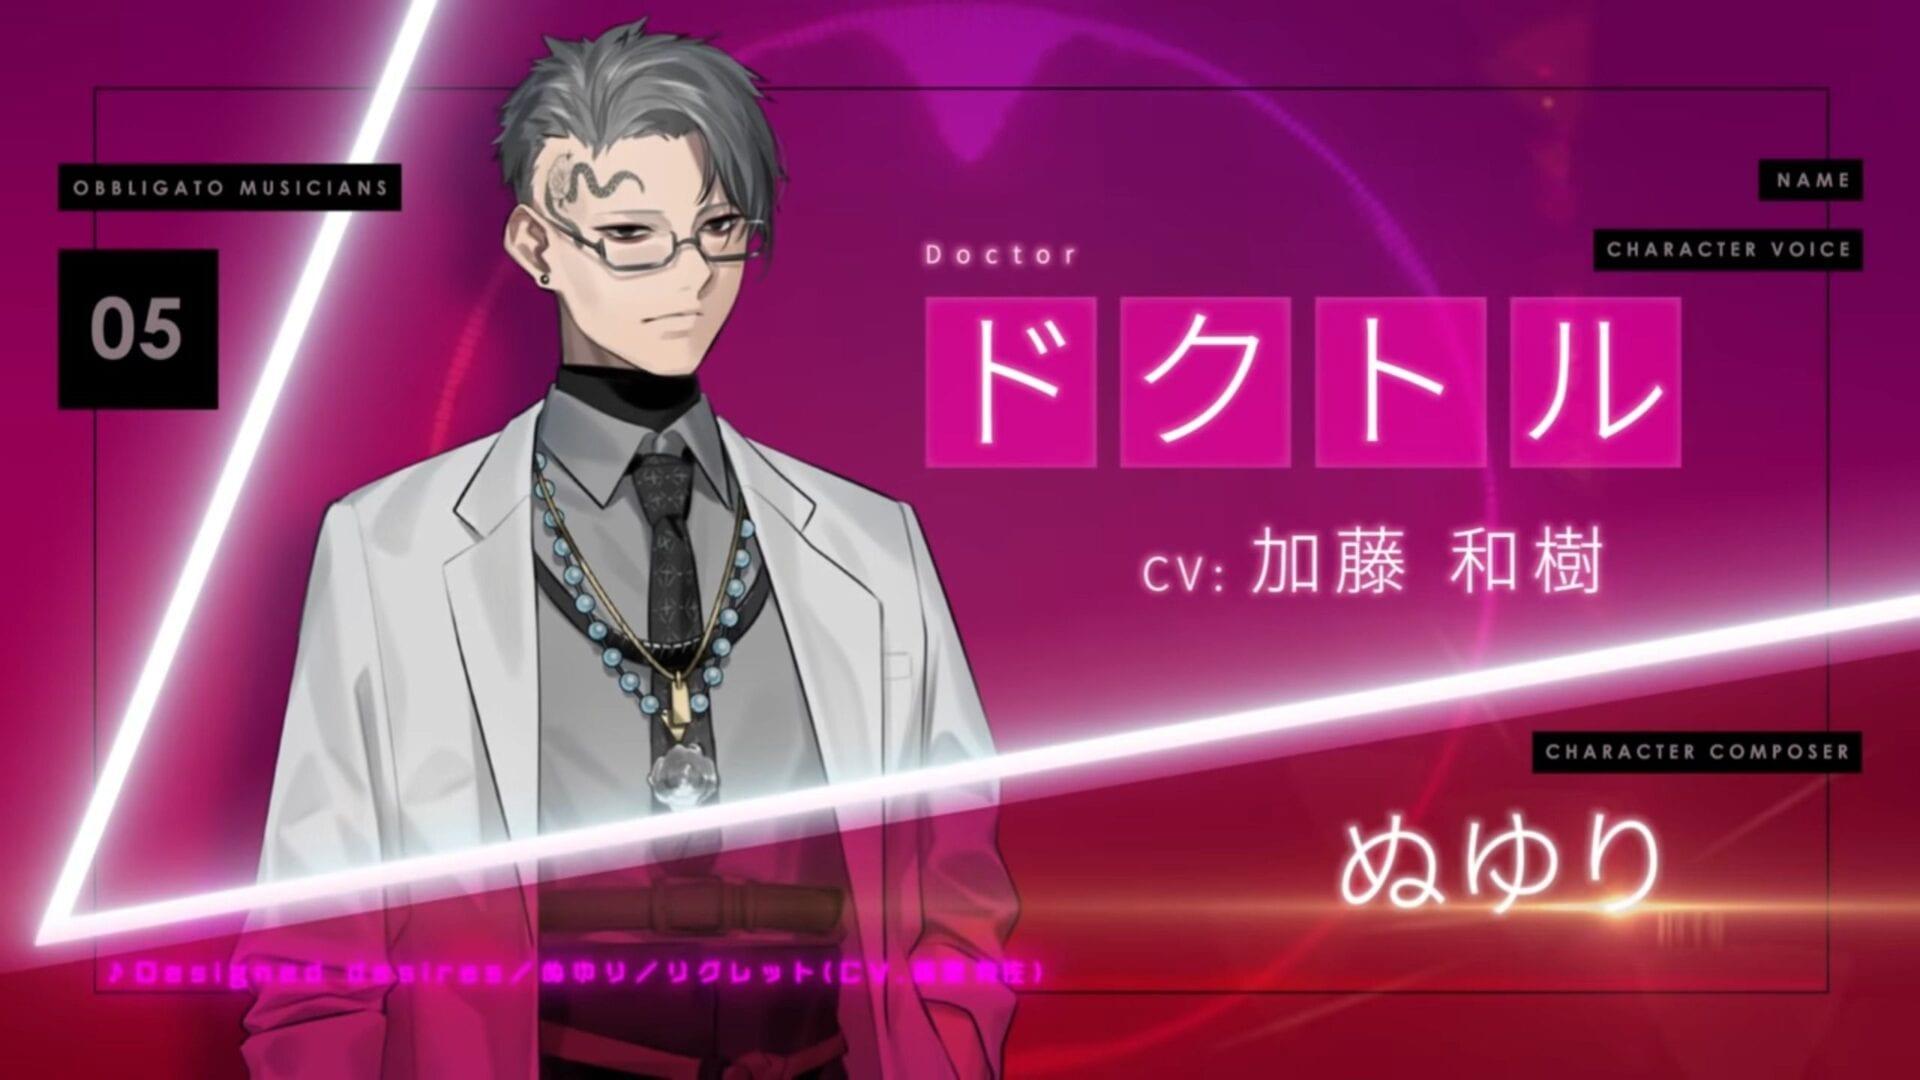 Caligula Effect 2 Doctor